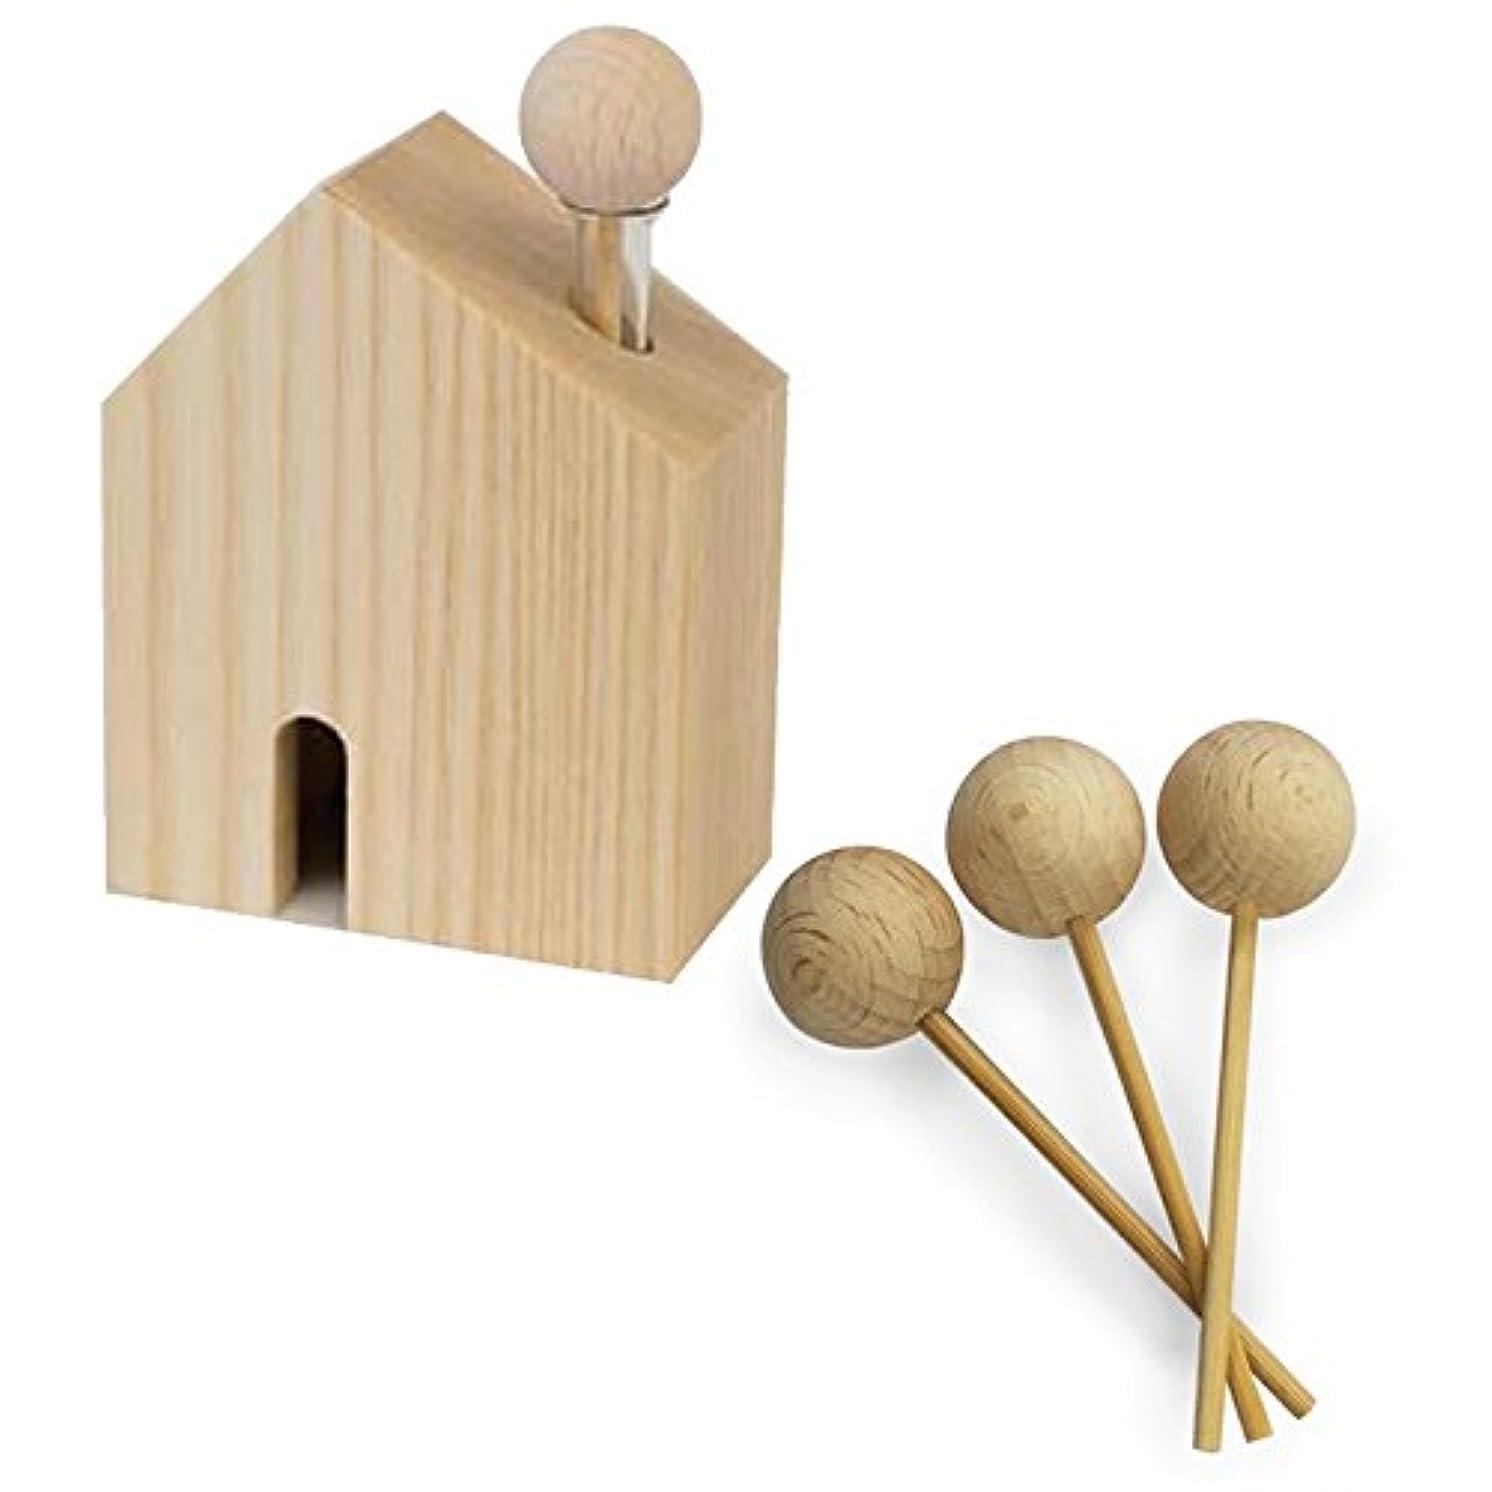 不平を言うジェーンオースティン百科事典HARIO ハリオ アロマ芳香器 木のお家 交換用木製スティック3本付